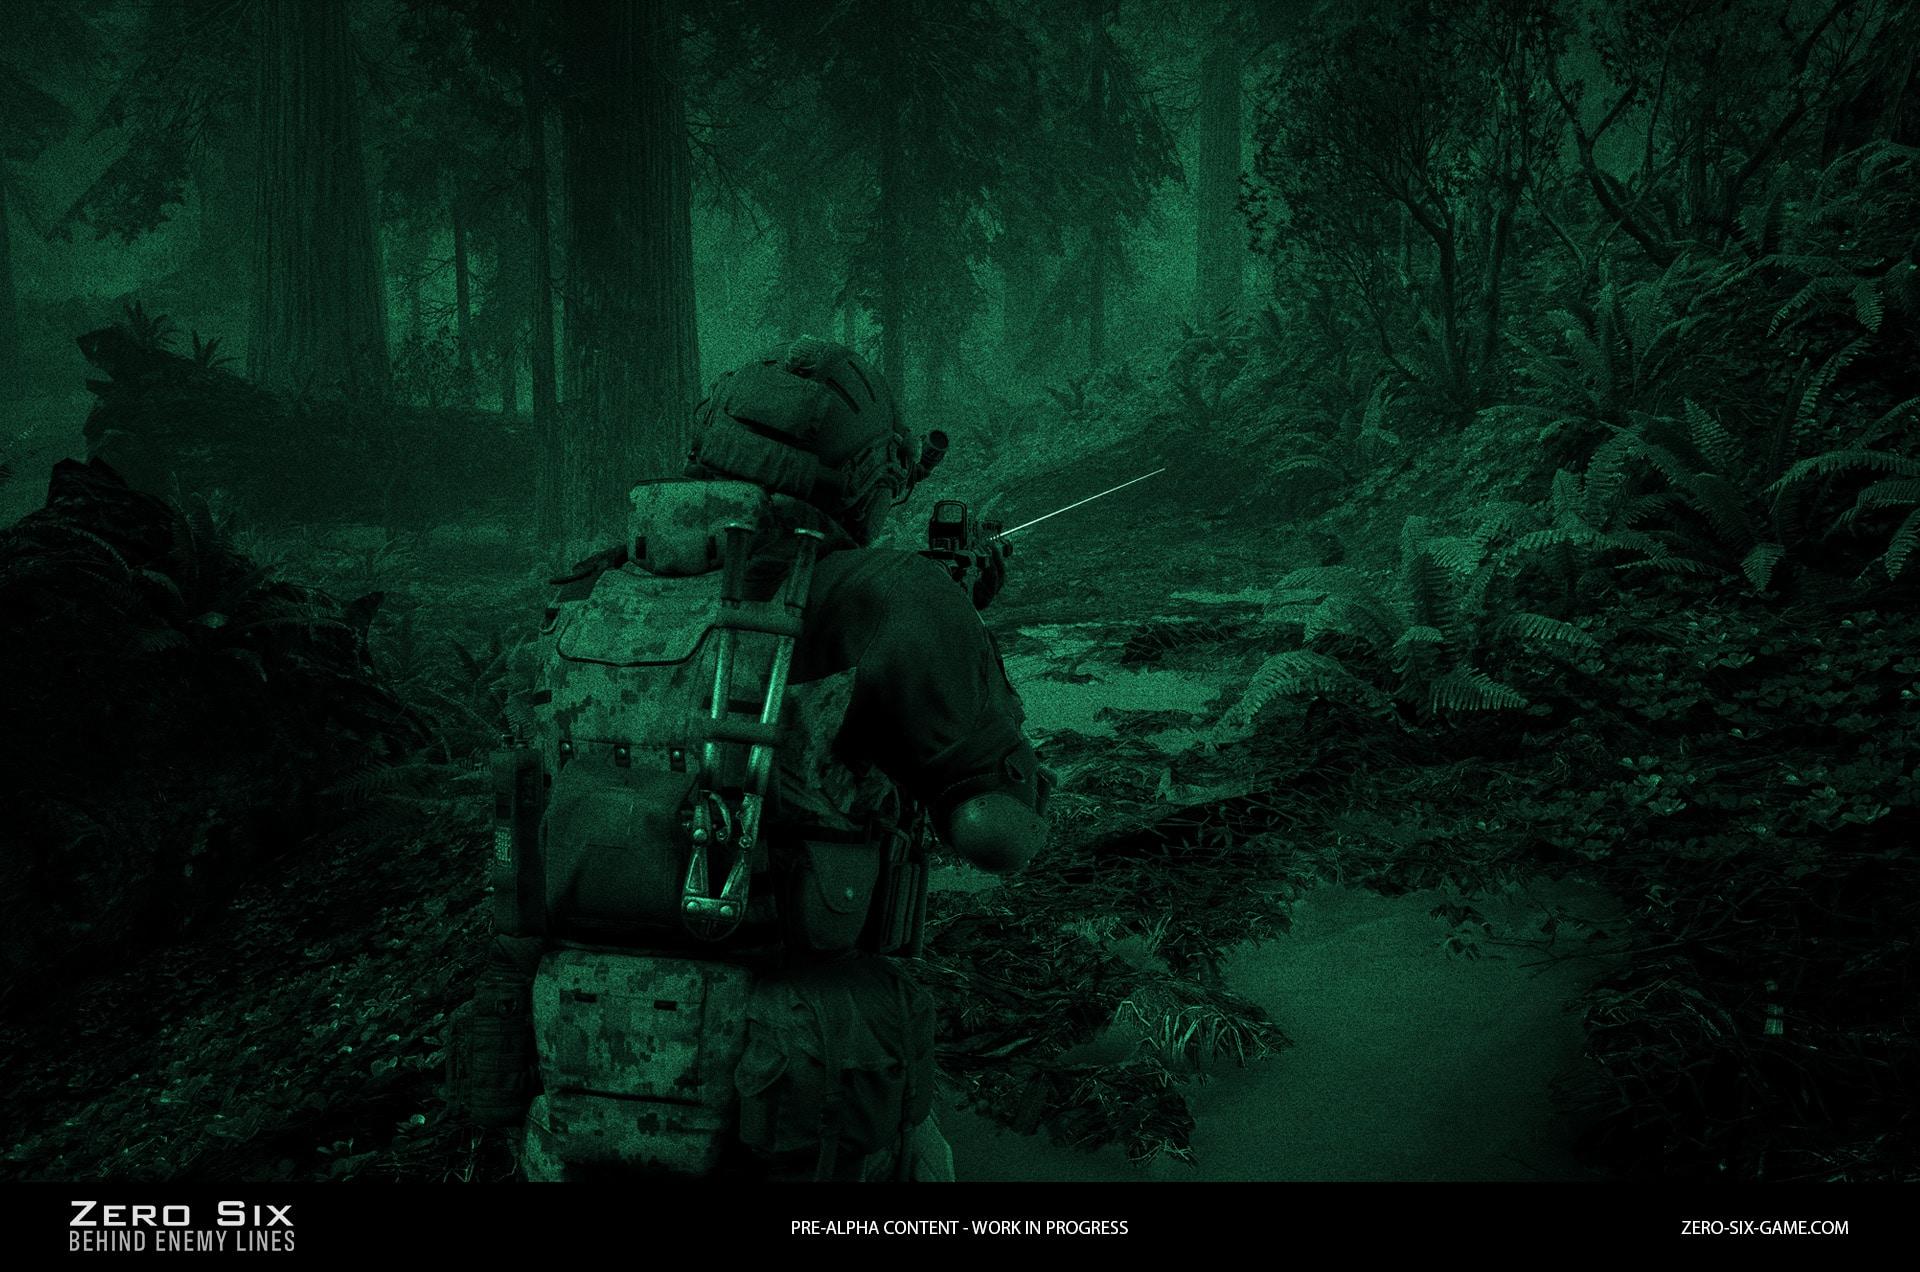 Zero Six: Behind Enemy Lies, inspirado em SOCOM, recebe primeiras imagens